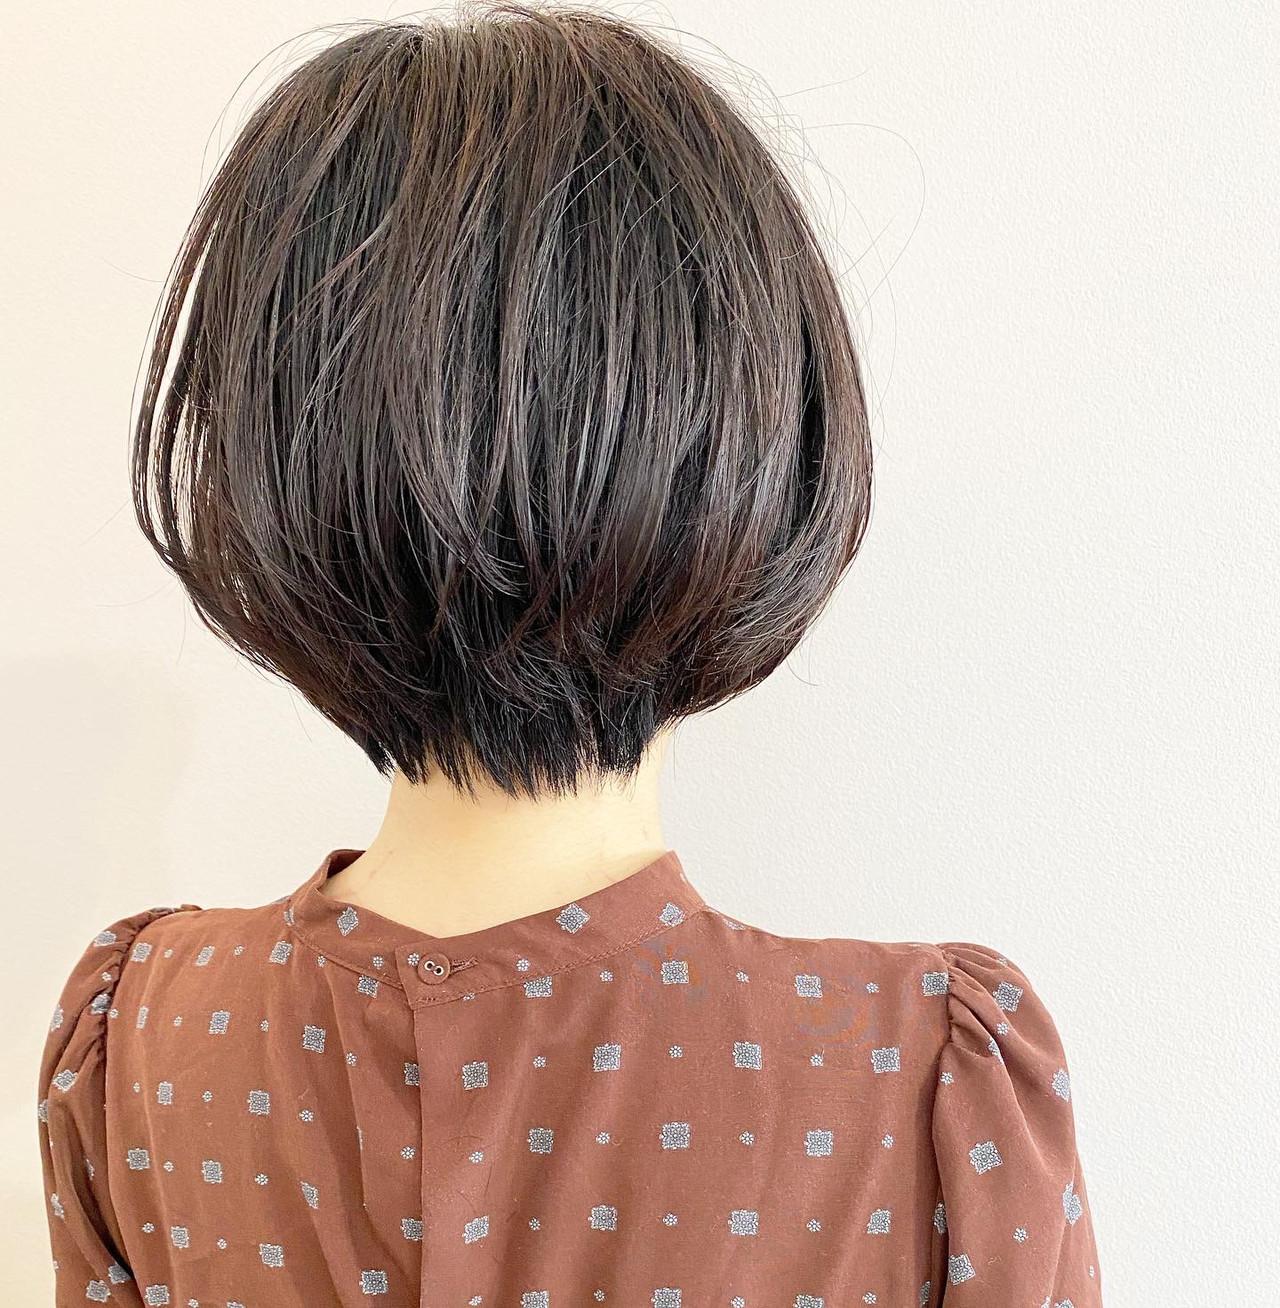 デート ショートボブ ショート ショートヘア ヘアスタイルや髪型の写真・画像   大人可愛い【ショート・ボブが得意】つばさ / VIE